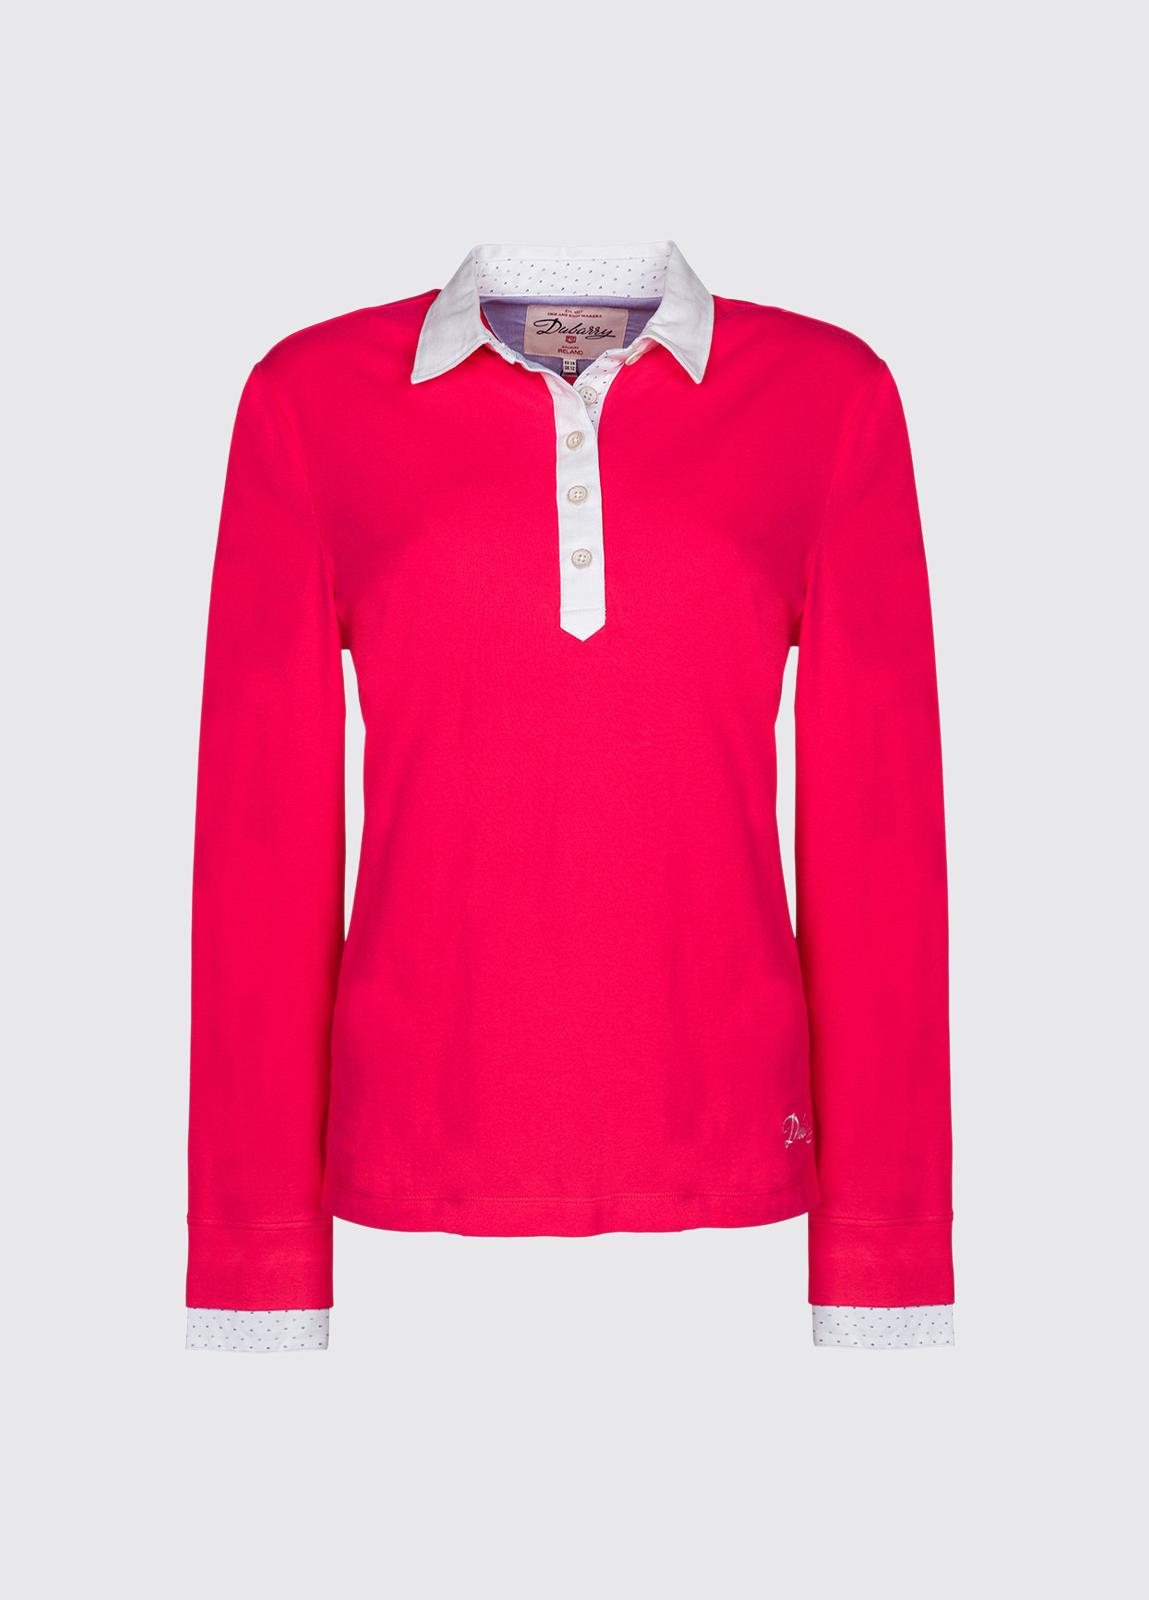 Barna Jersey Knit Top - Pomegranate